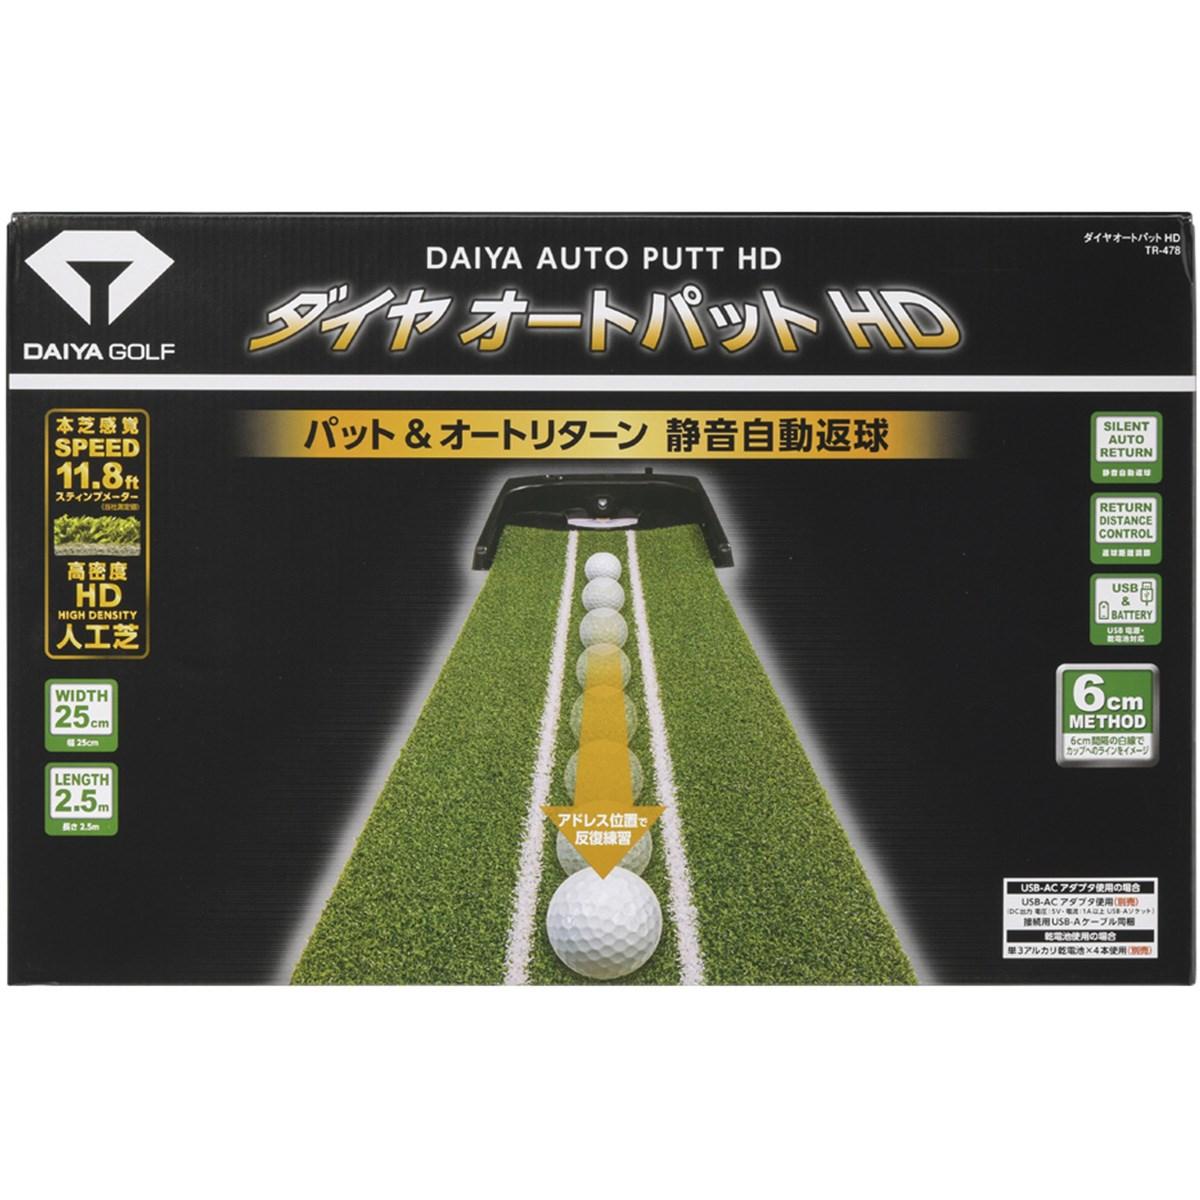 ダイヤゴルフ DAIYA GOLF ダイヤオートパットHD グリーン